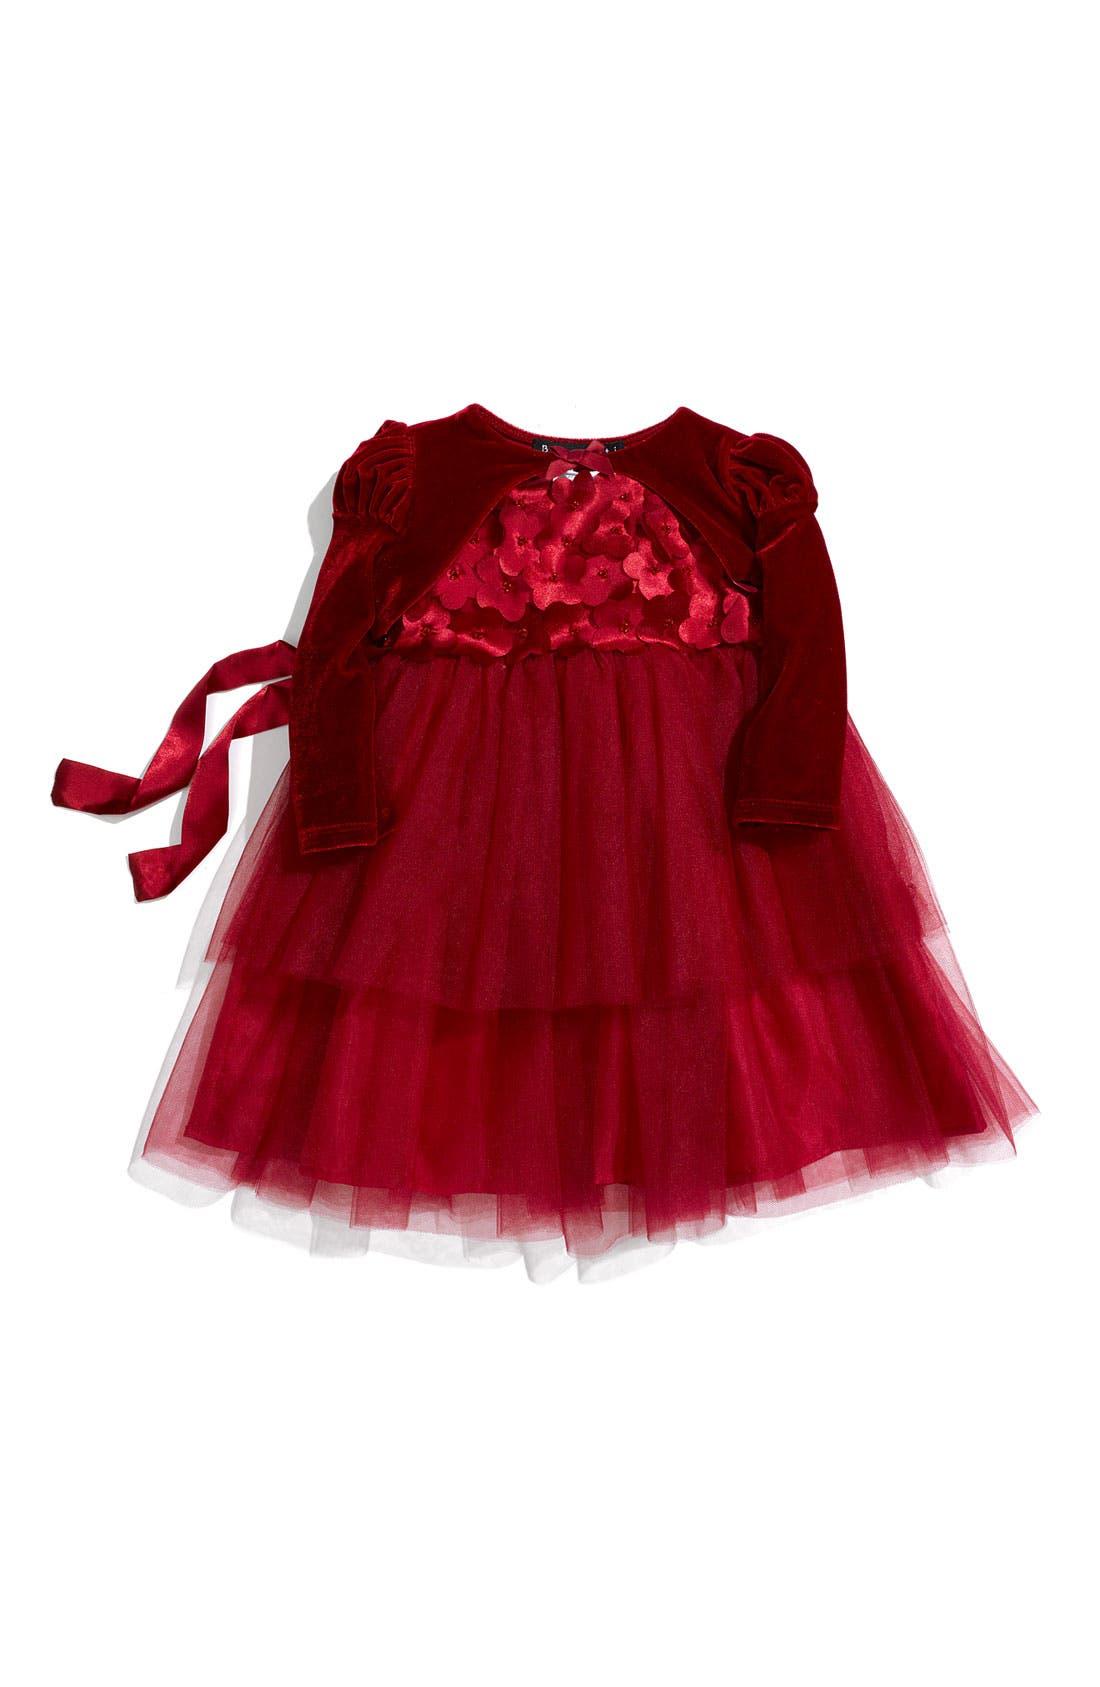 Alternate Image 1 Selected - Biscotti Dress & Shrug (Infant)